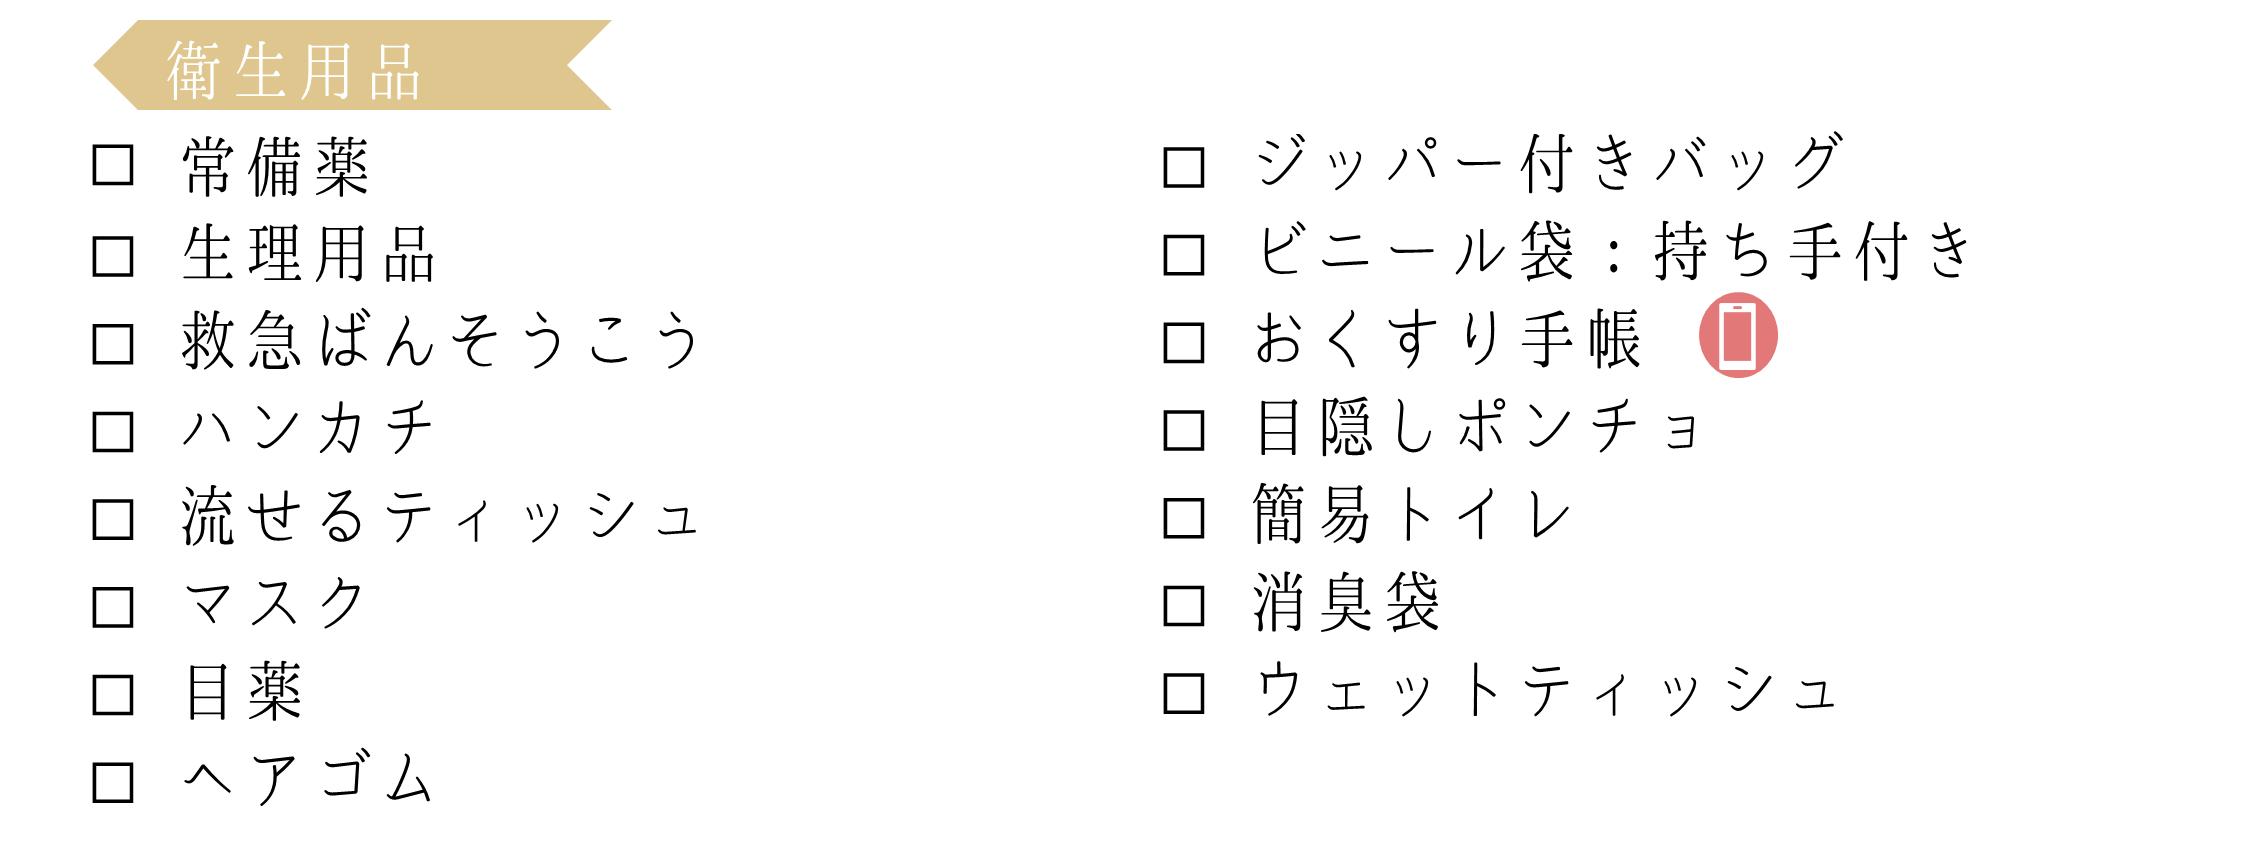 0次の備えリスト_衛生用品